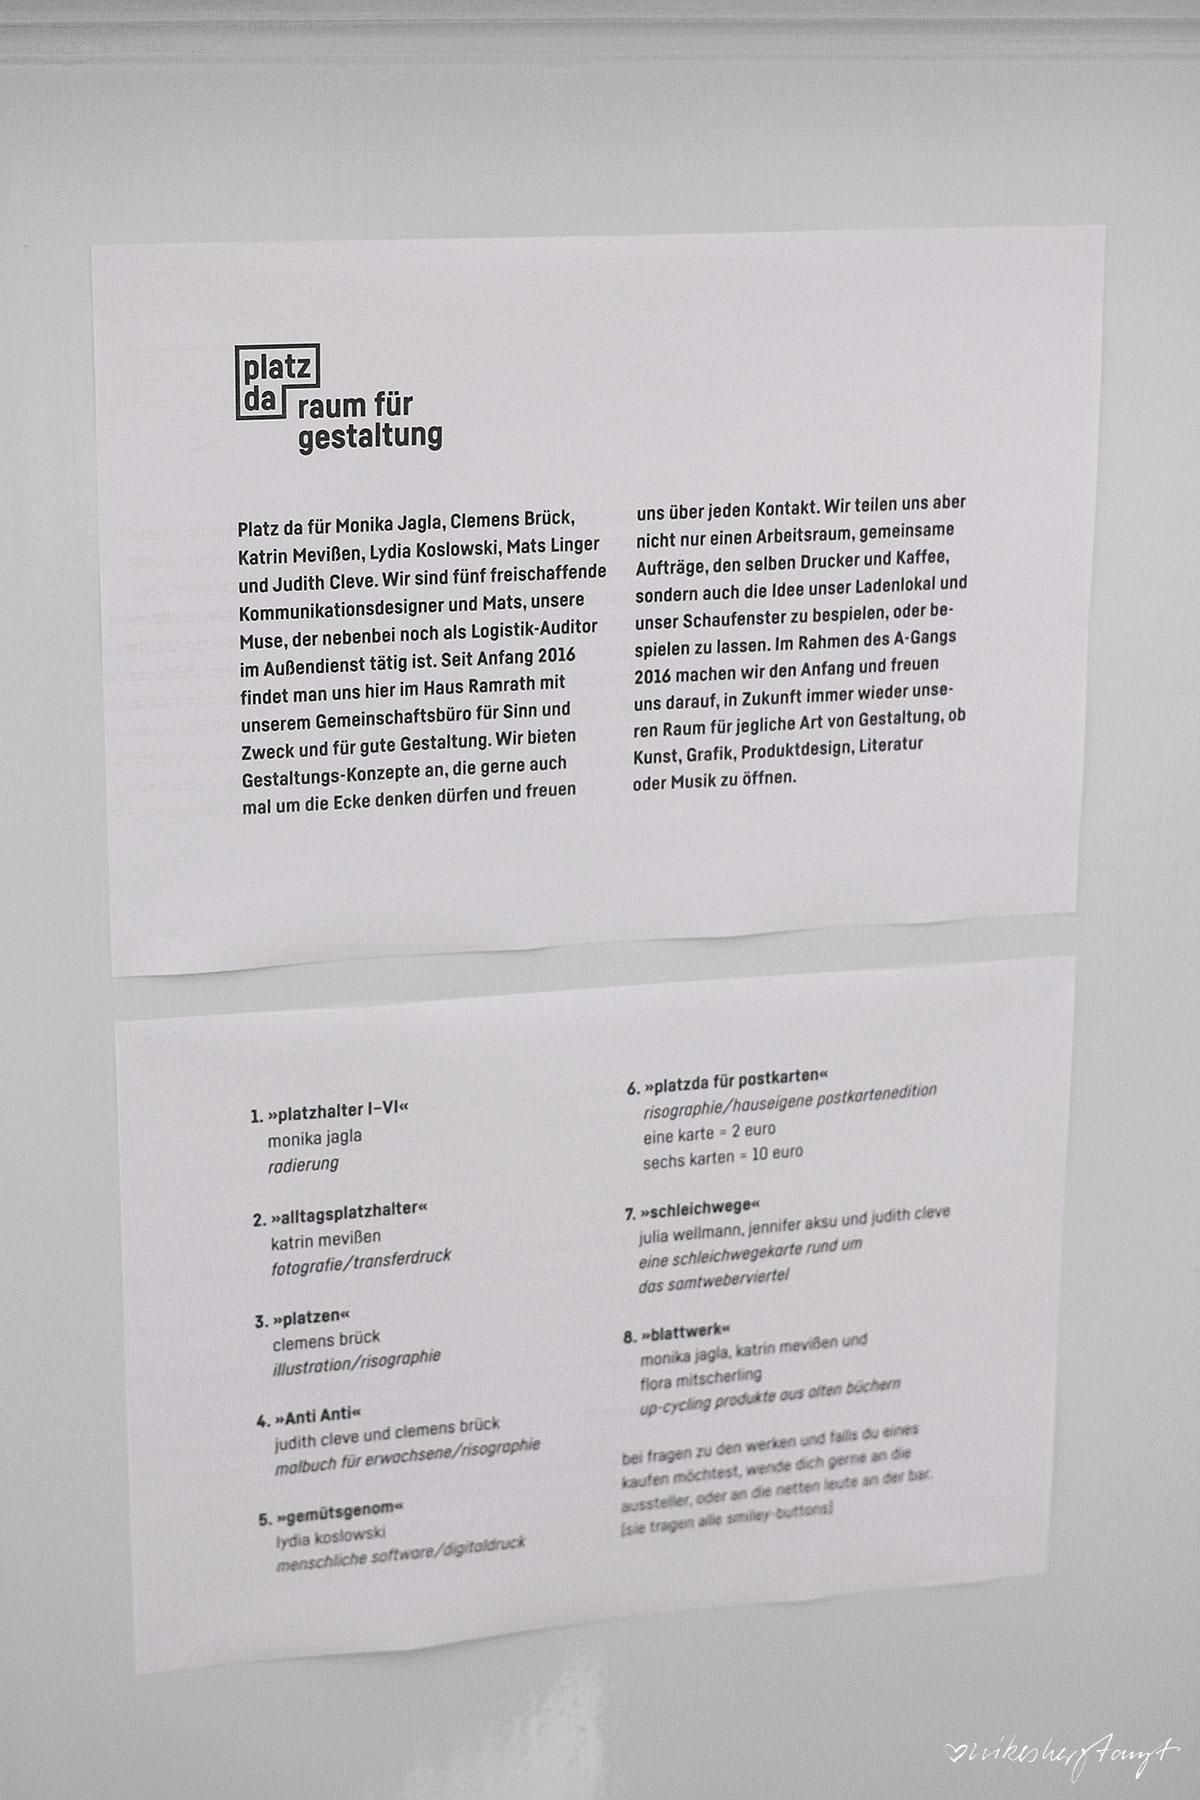 platzhalter, krefeld, ausstellung, #nikeskrefeld, blattwerk, westwall, kunst, design, haus ramrath, platz da, gestaltung, blog, nikesherztanzt